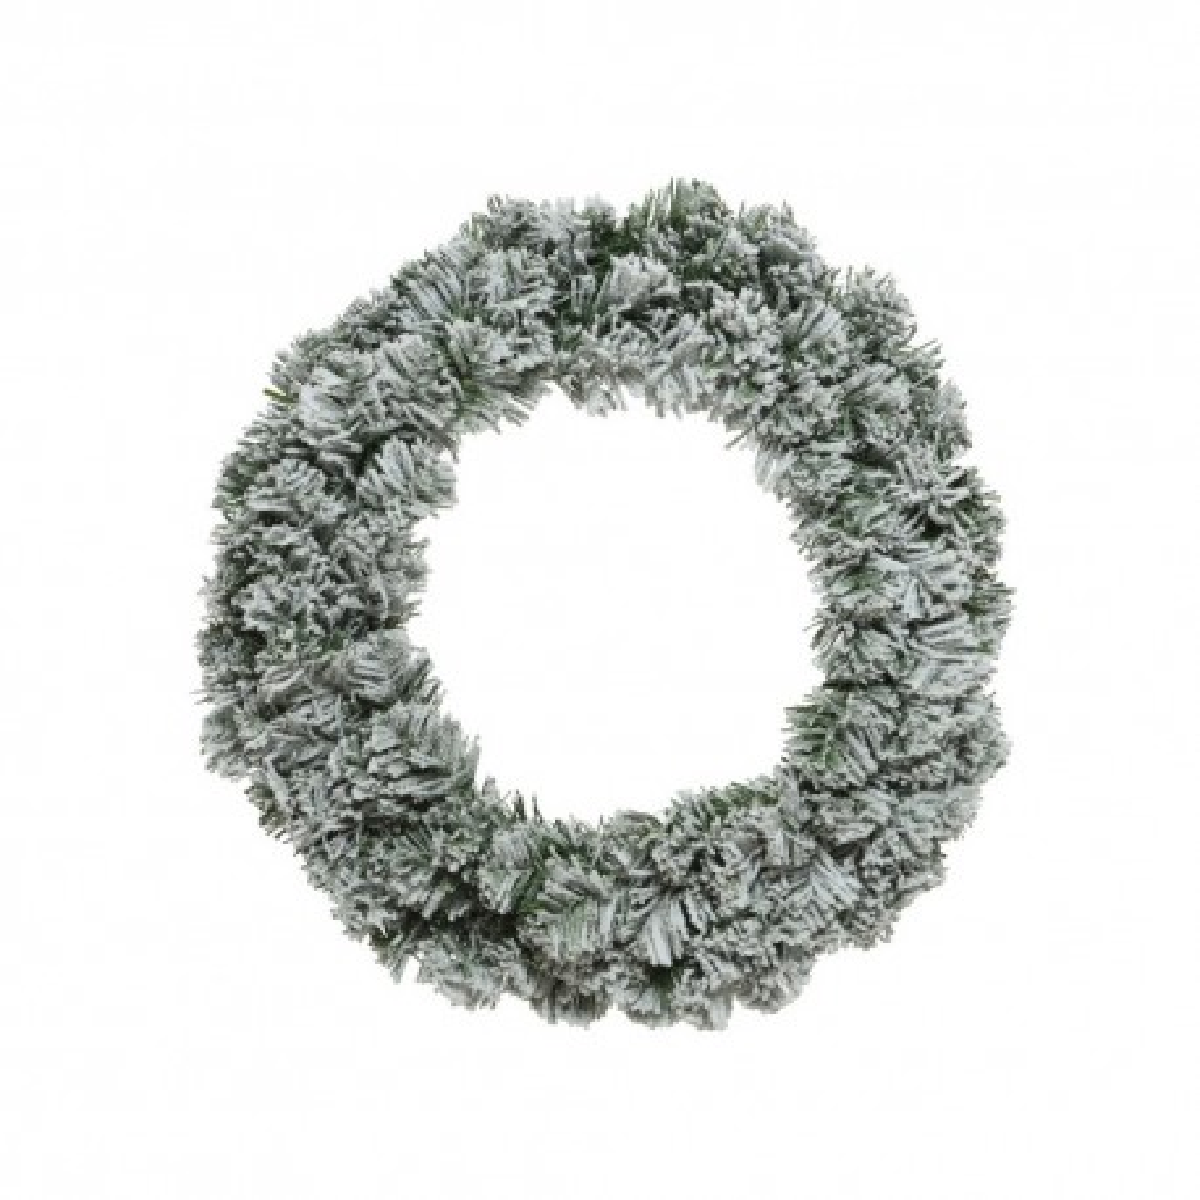 Snow Effect Christmas Wreath (60cm)